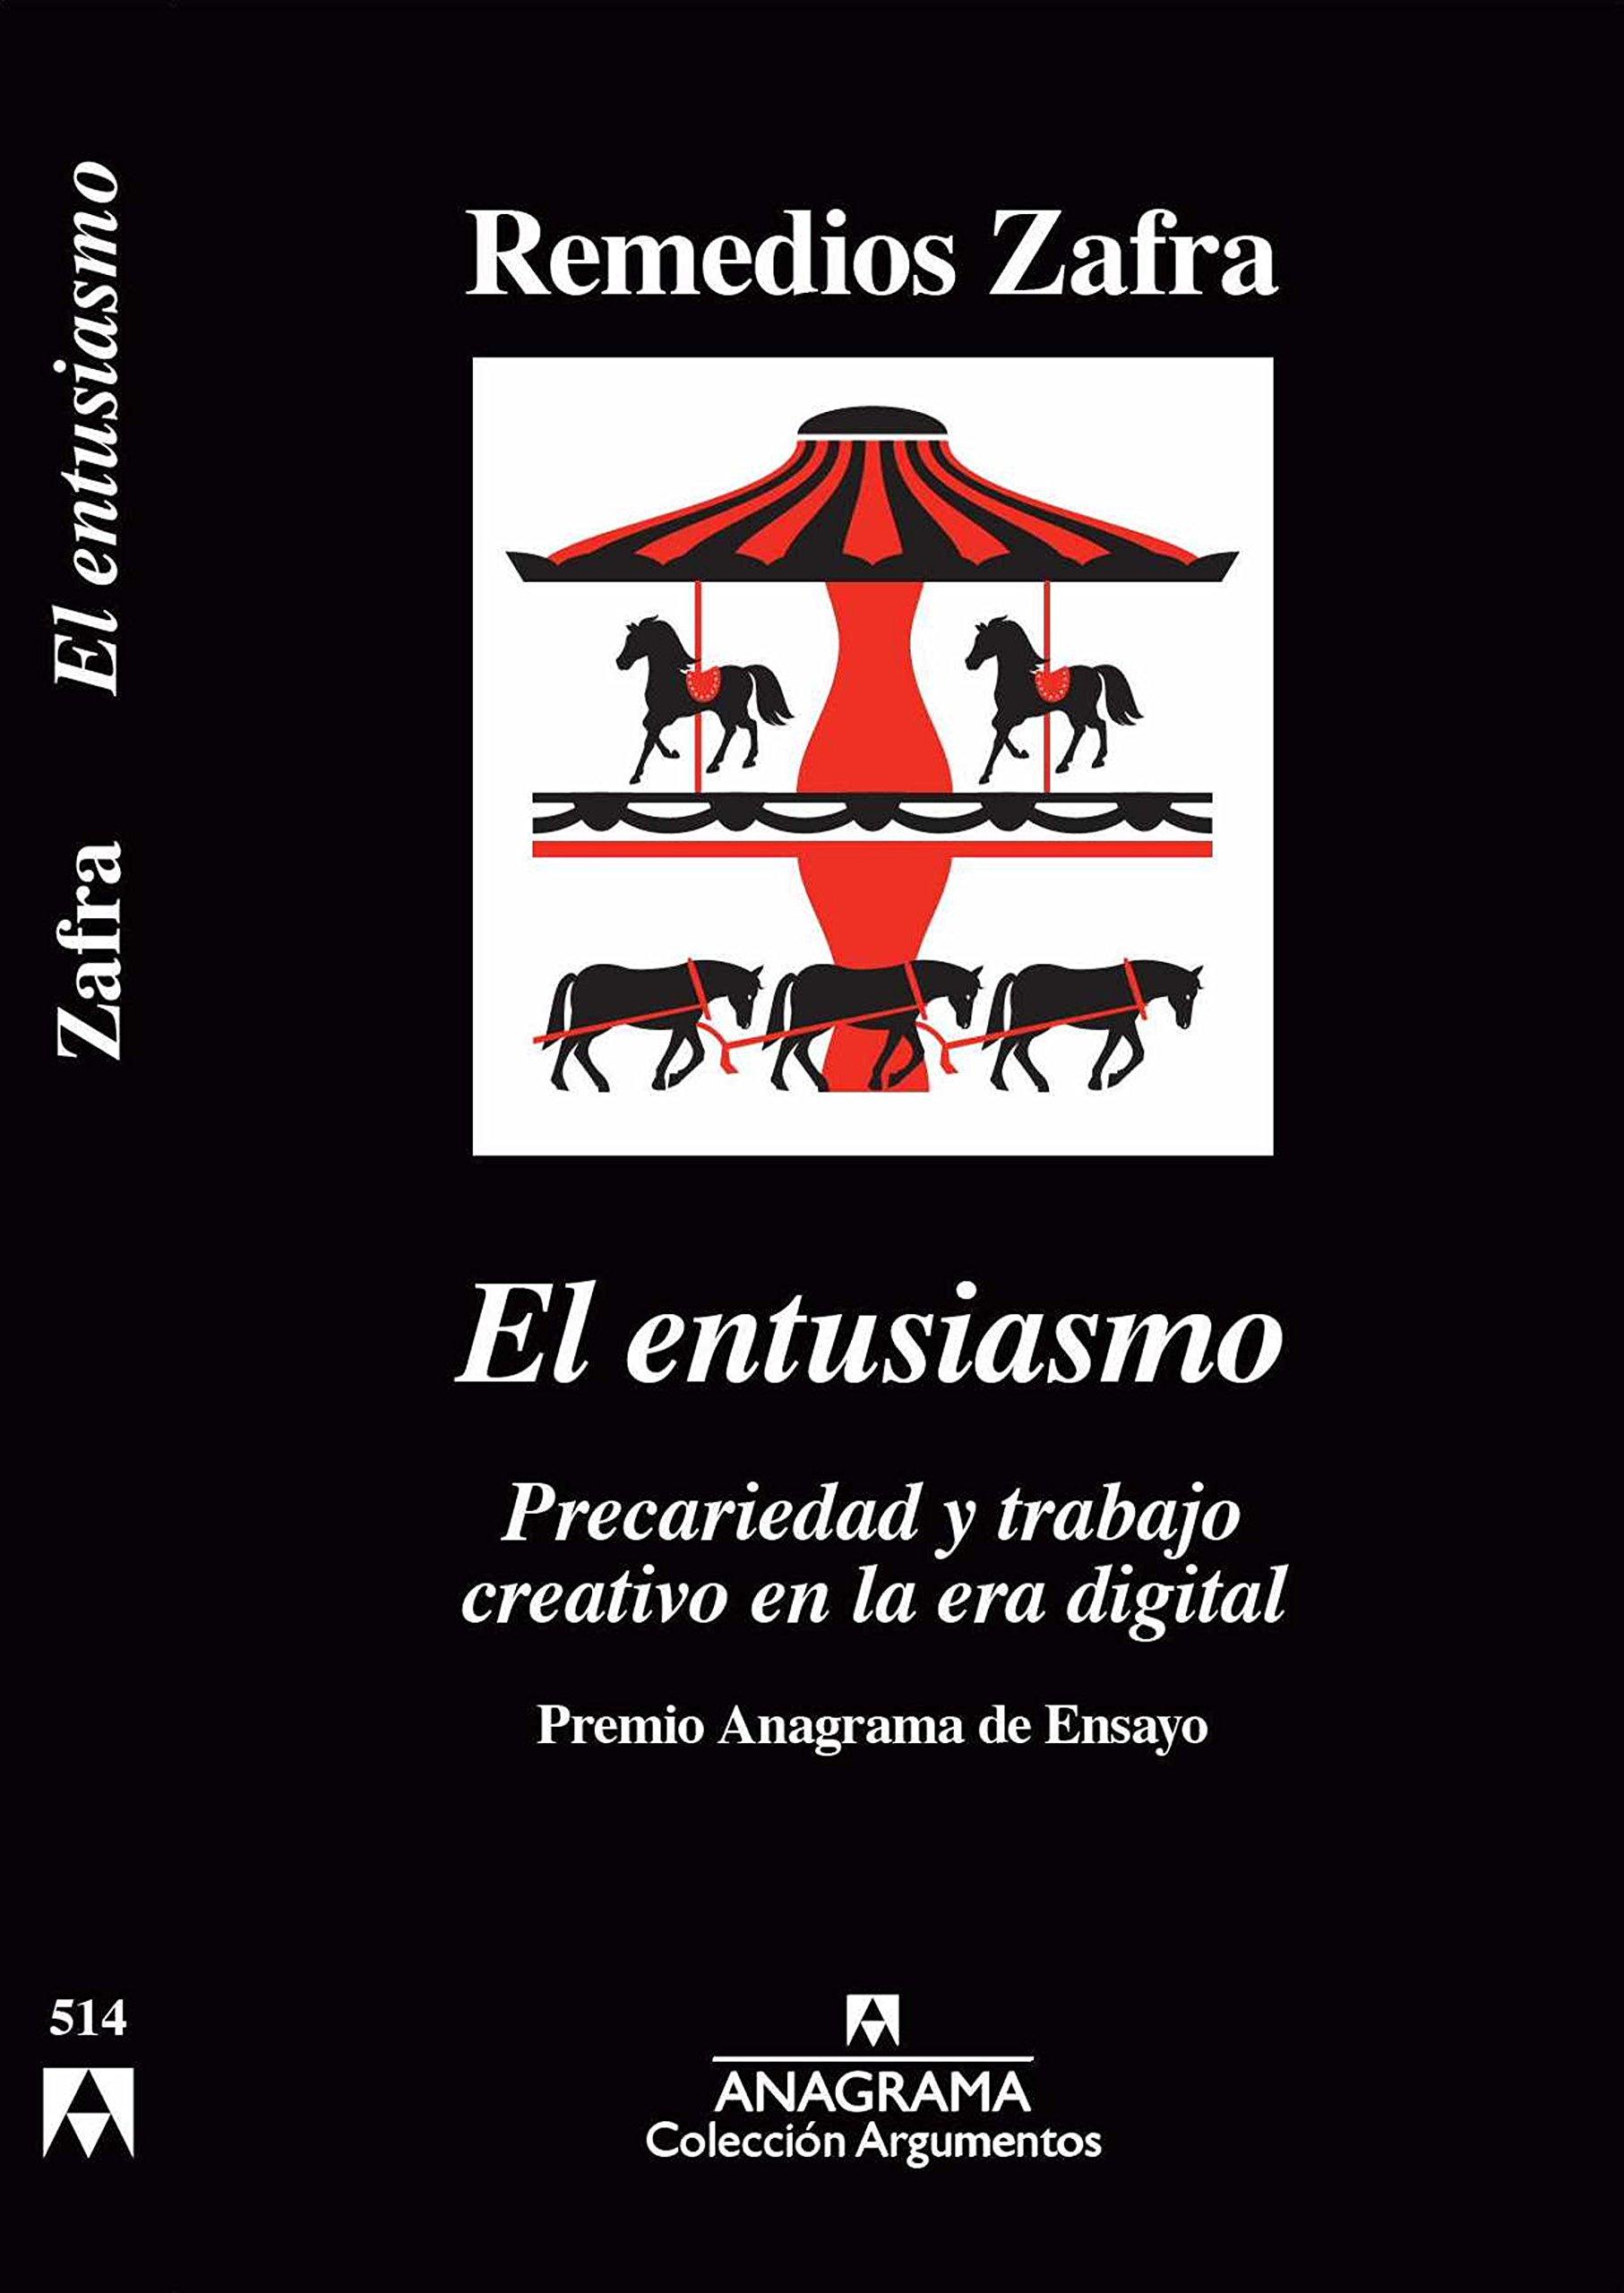 El entusiasmo: Premio Anagrama de Ensayo: 514 Argumentos: Amazon.es:  Remedios Zafra: Libros